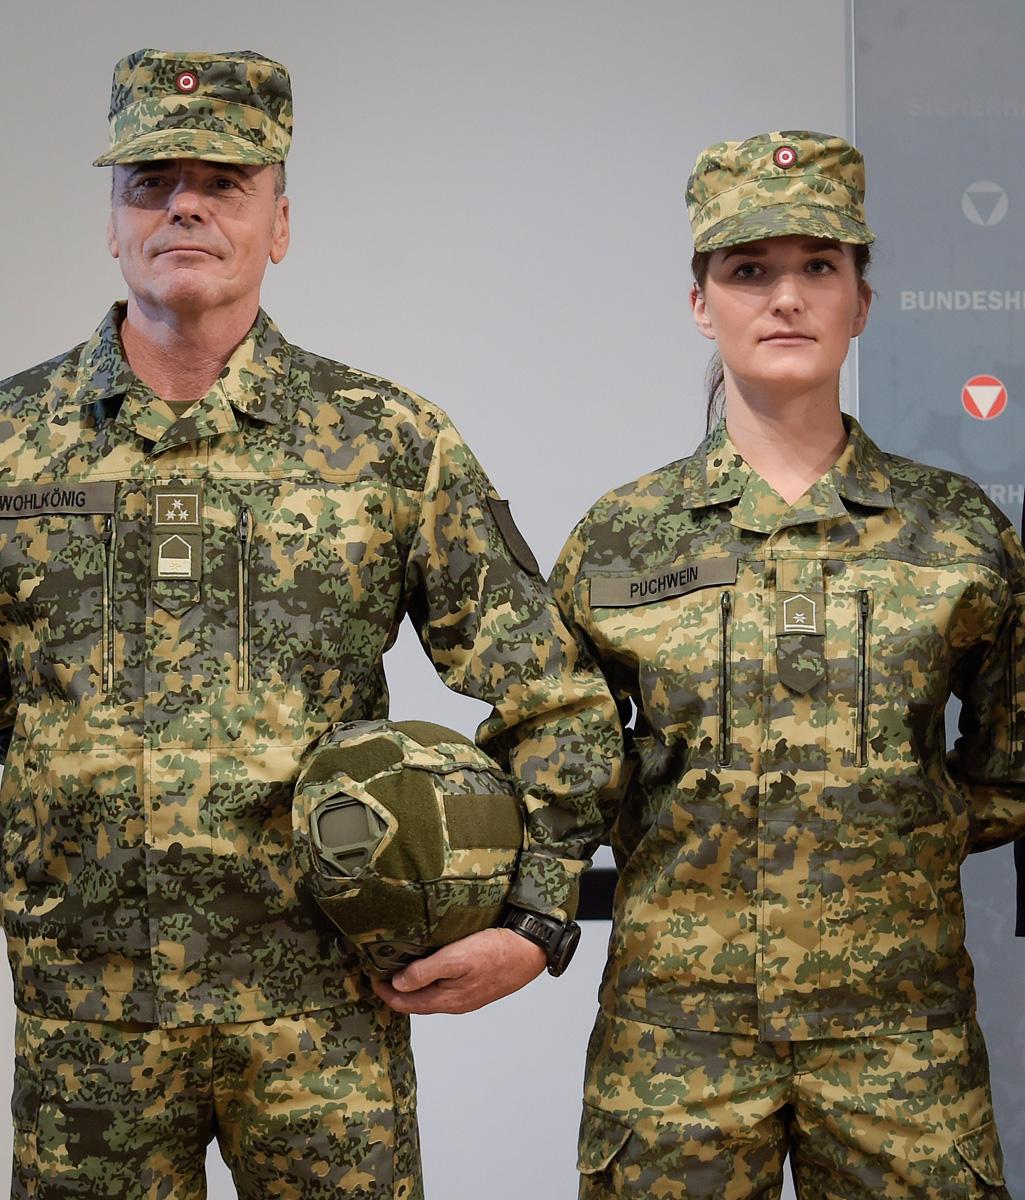 So soll die neue Uniform aussehen - im Kunstlicht des Ministeriums © Bundesheer